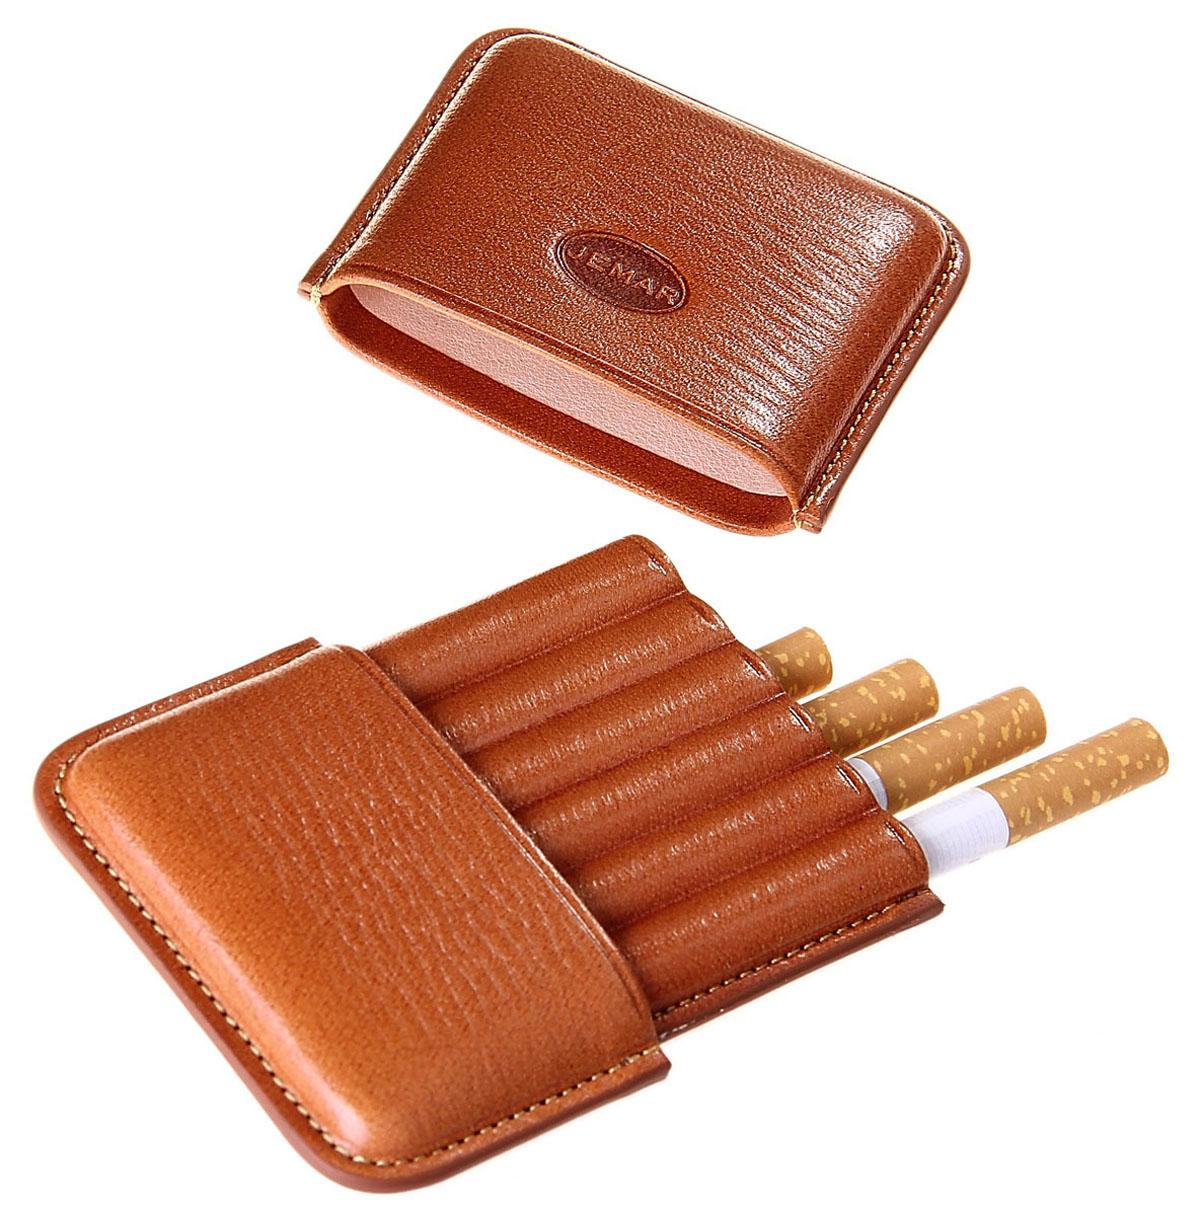 Портсигар Jemar, для 6 сигарет. 711980Натуральная кожаЭлегантный портсигар Jemar выполнен в виде футляра из натуральной кожи. Изделие рассчитано на 6 сигарет.Футляр для переноски сигарет - неотъемлемая составляющая церемониала курения сигар, очень важная деталь, которая привносит в процесс особый шик.Портсигар Jemar послужит прекрасным подарком для тонких ценителей тех самых небольших мелочей, которые придают имиджу неповторимую изысканность и индивидуальность вашей жизни.Размер портсигара: 10 см х 7 см х 1,3 см.